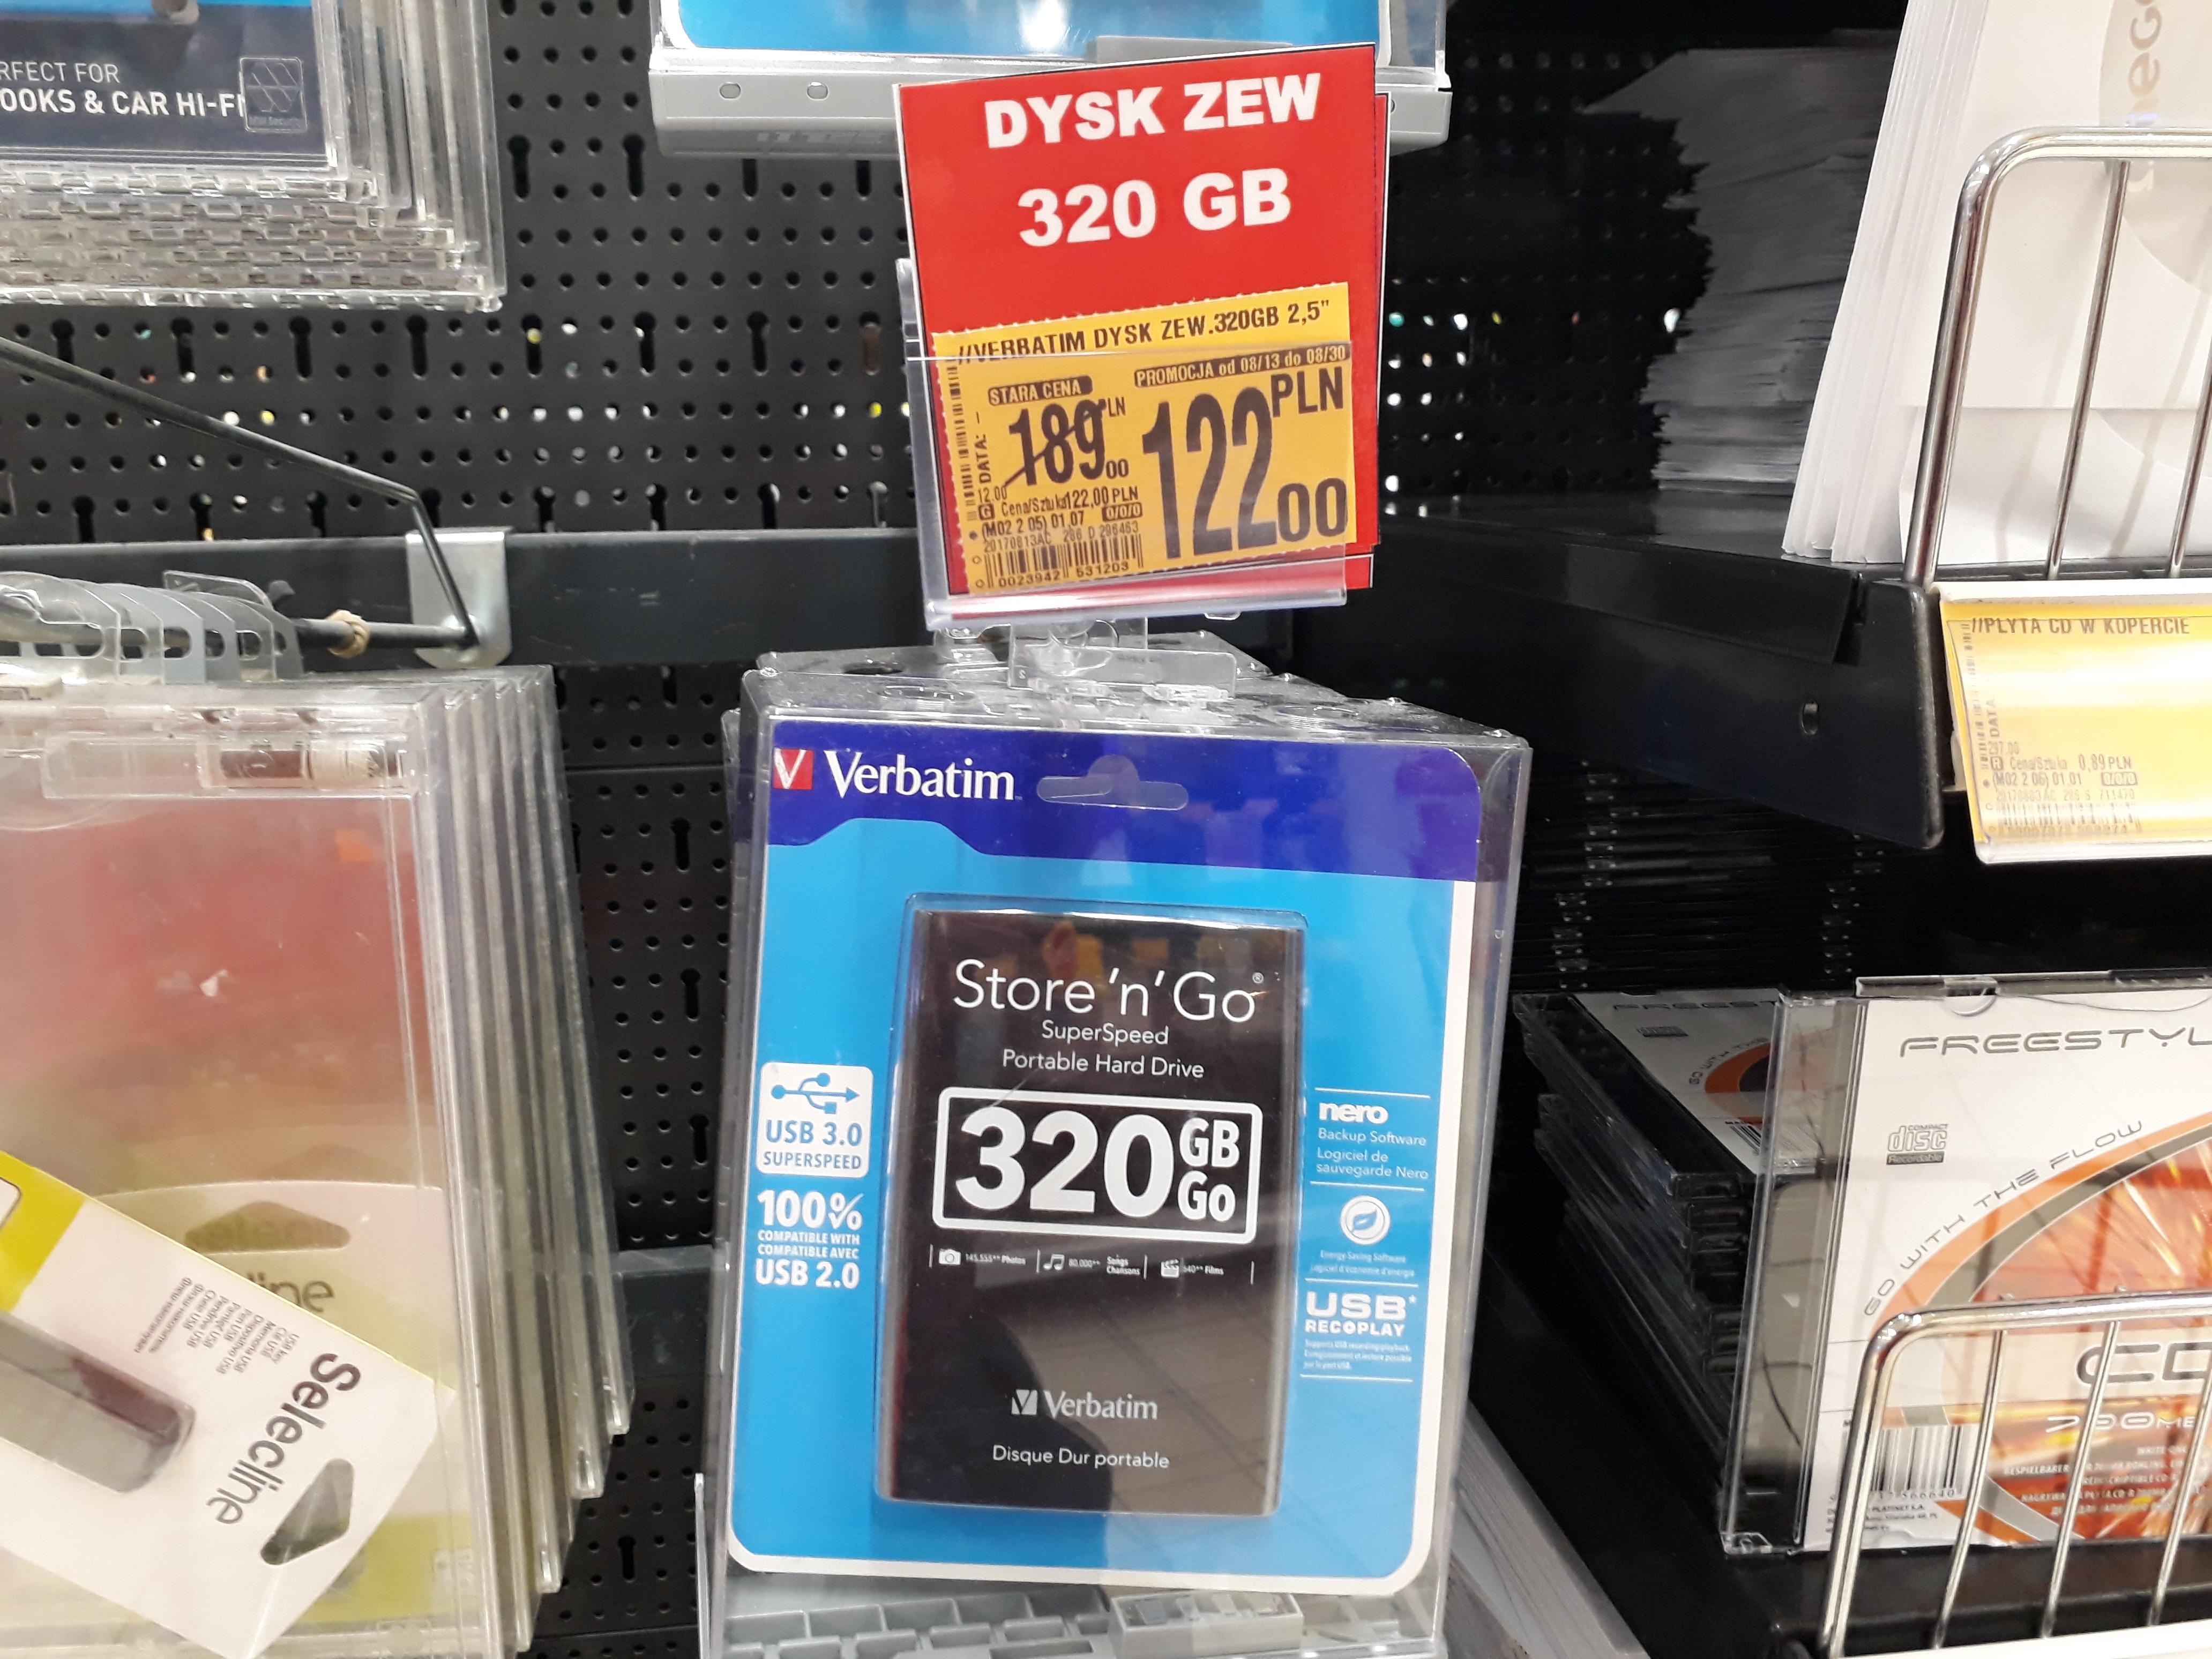 Auchan - Dysk przenośny Verbatim 320gb